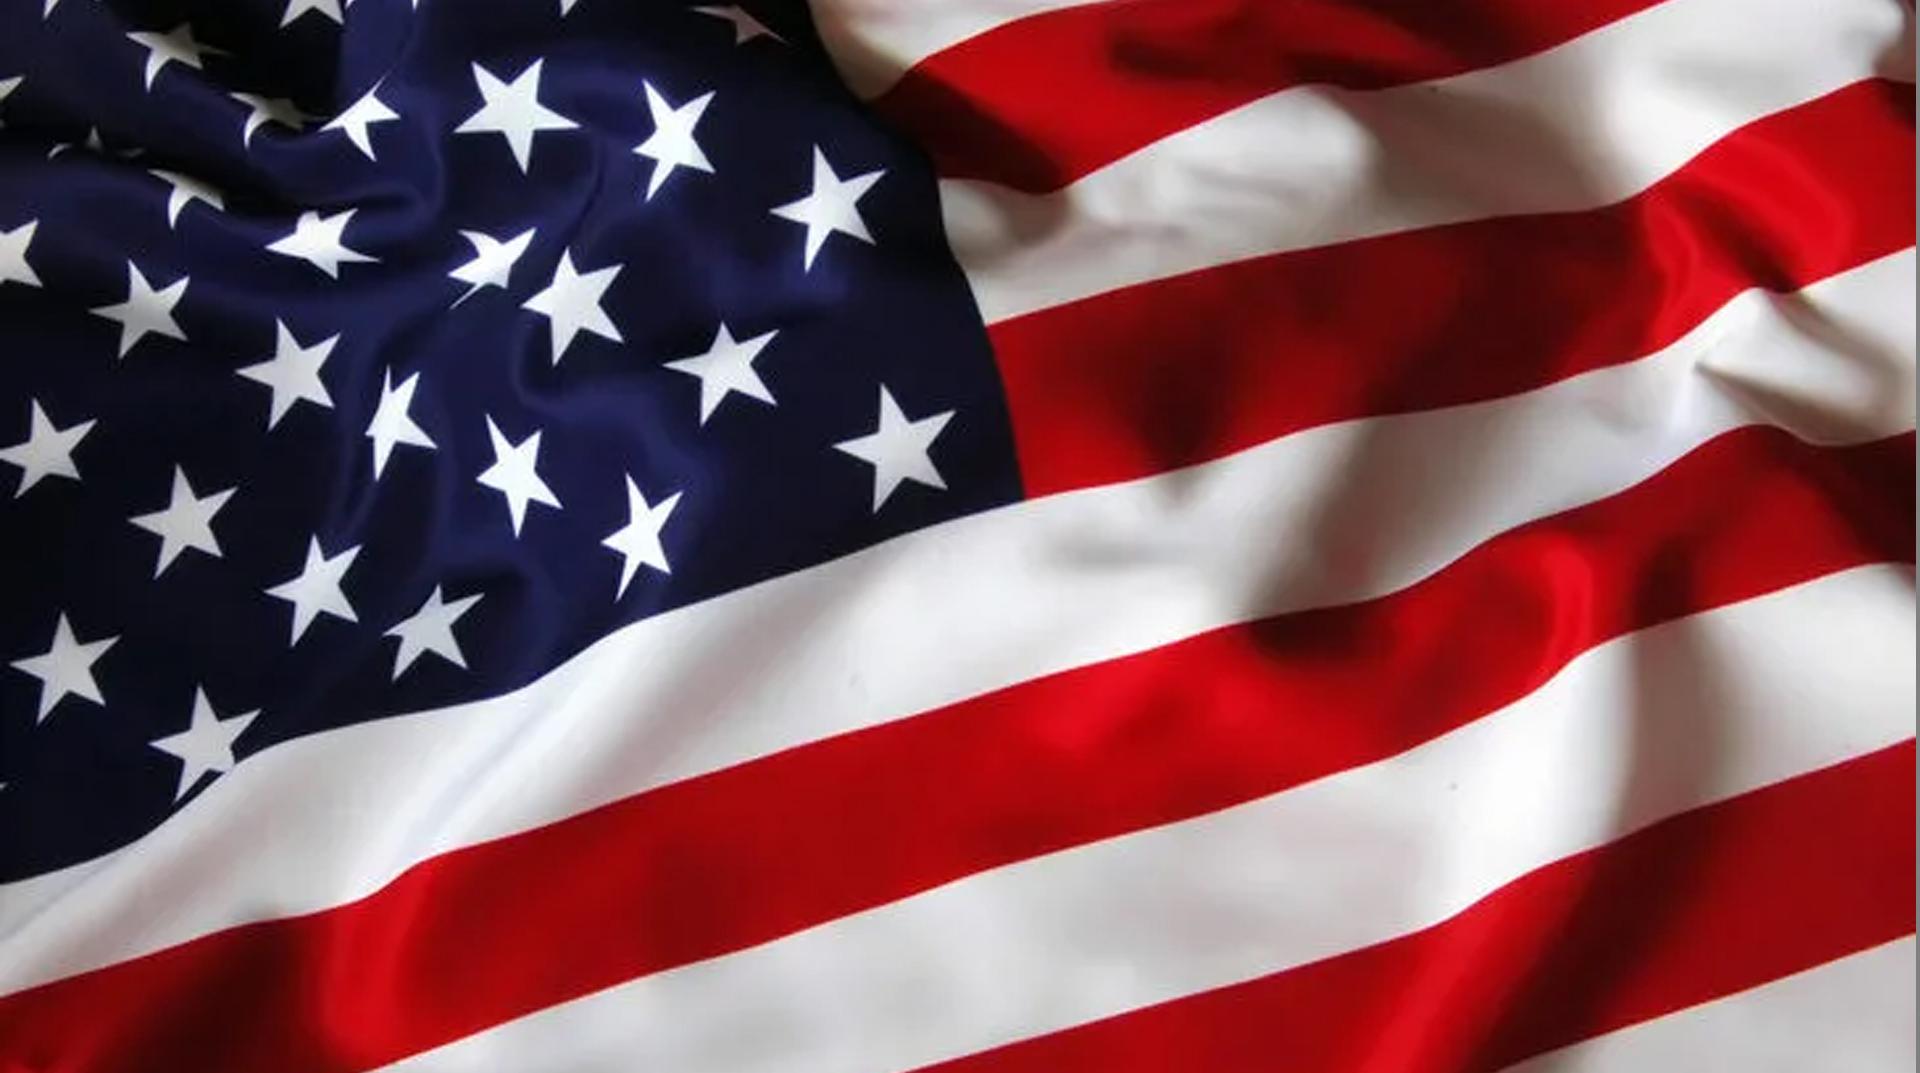 ABD Myanmarlı komutanların ülkeye girişini yasakladılar!